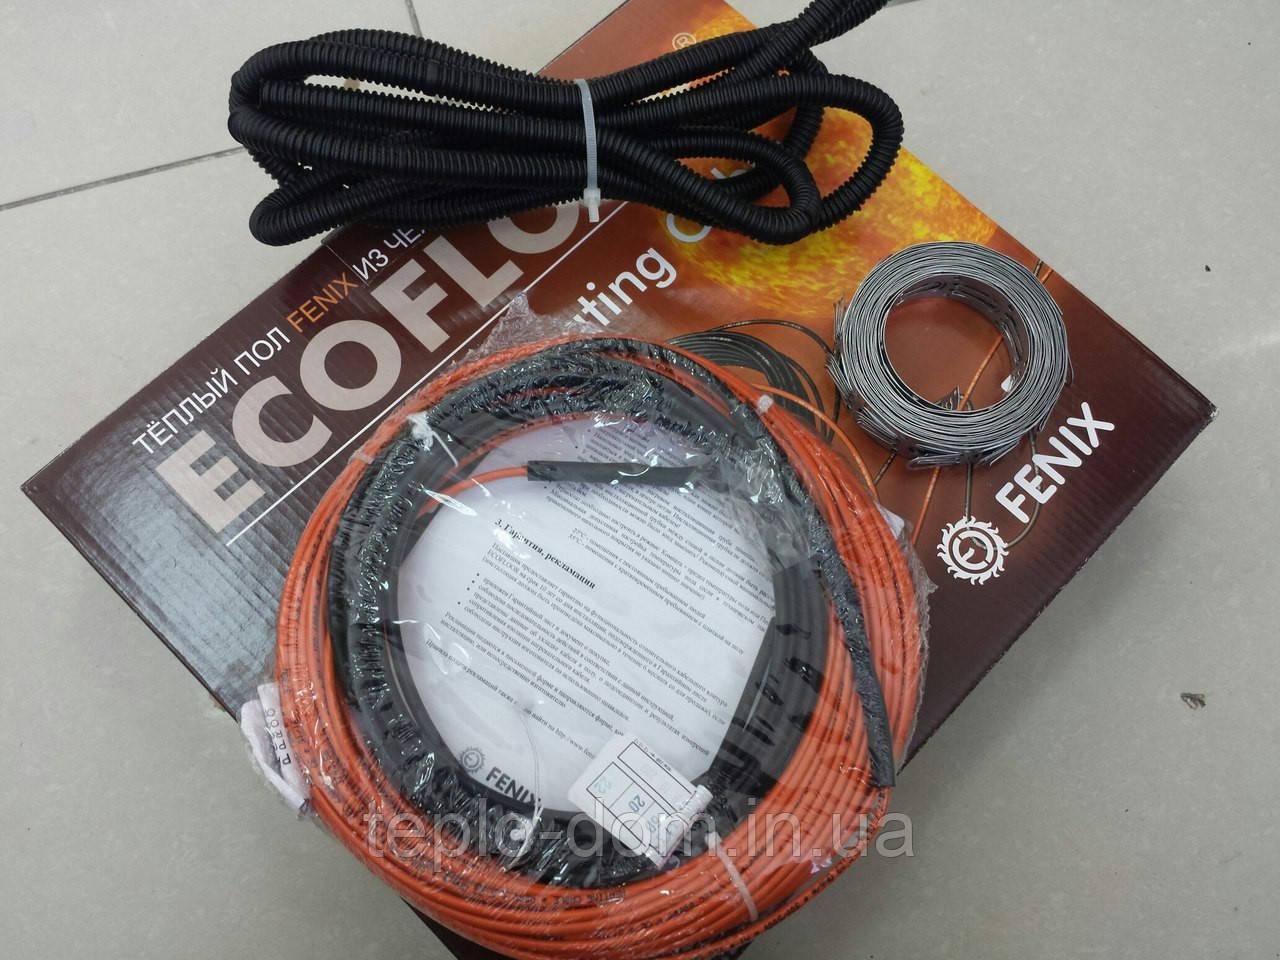 Нагревательный  тонкий кабель под плитку FENIX ( в комплекте с крепежом  и гофрой ) 2.1 м.кв